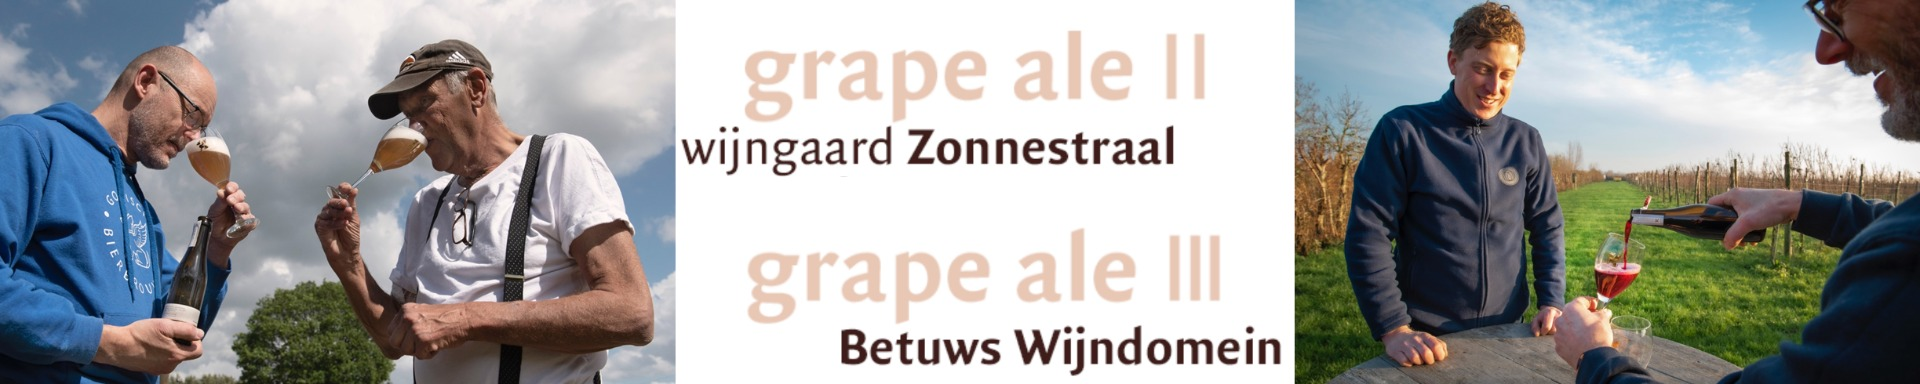 Grape Ale II en III Barley Wine Gooische Bierbrouwerij